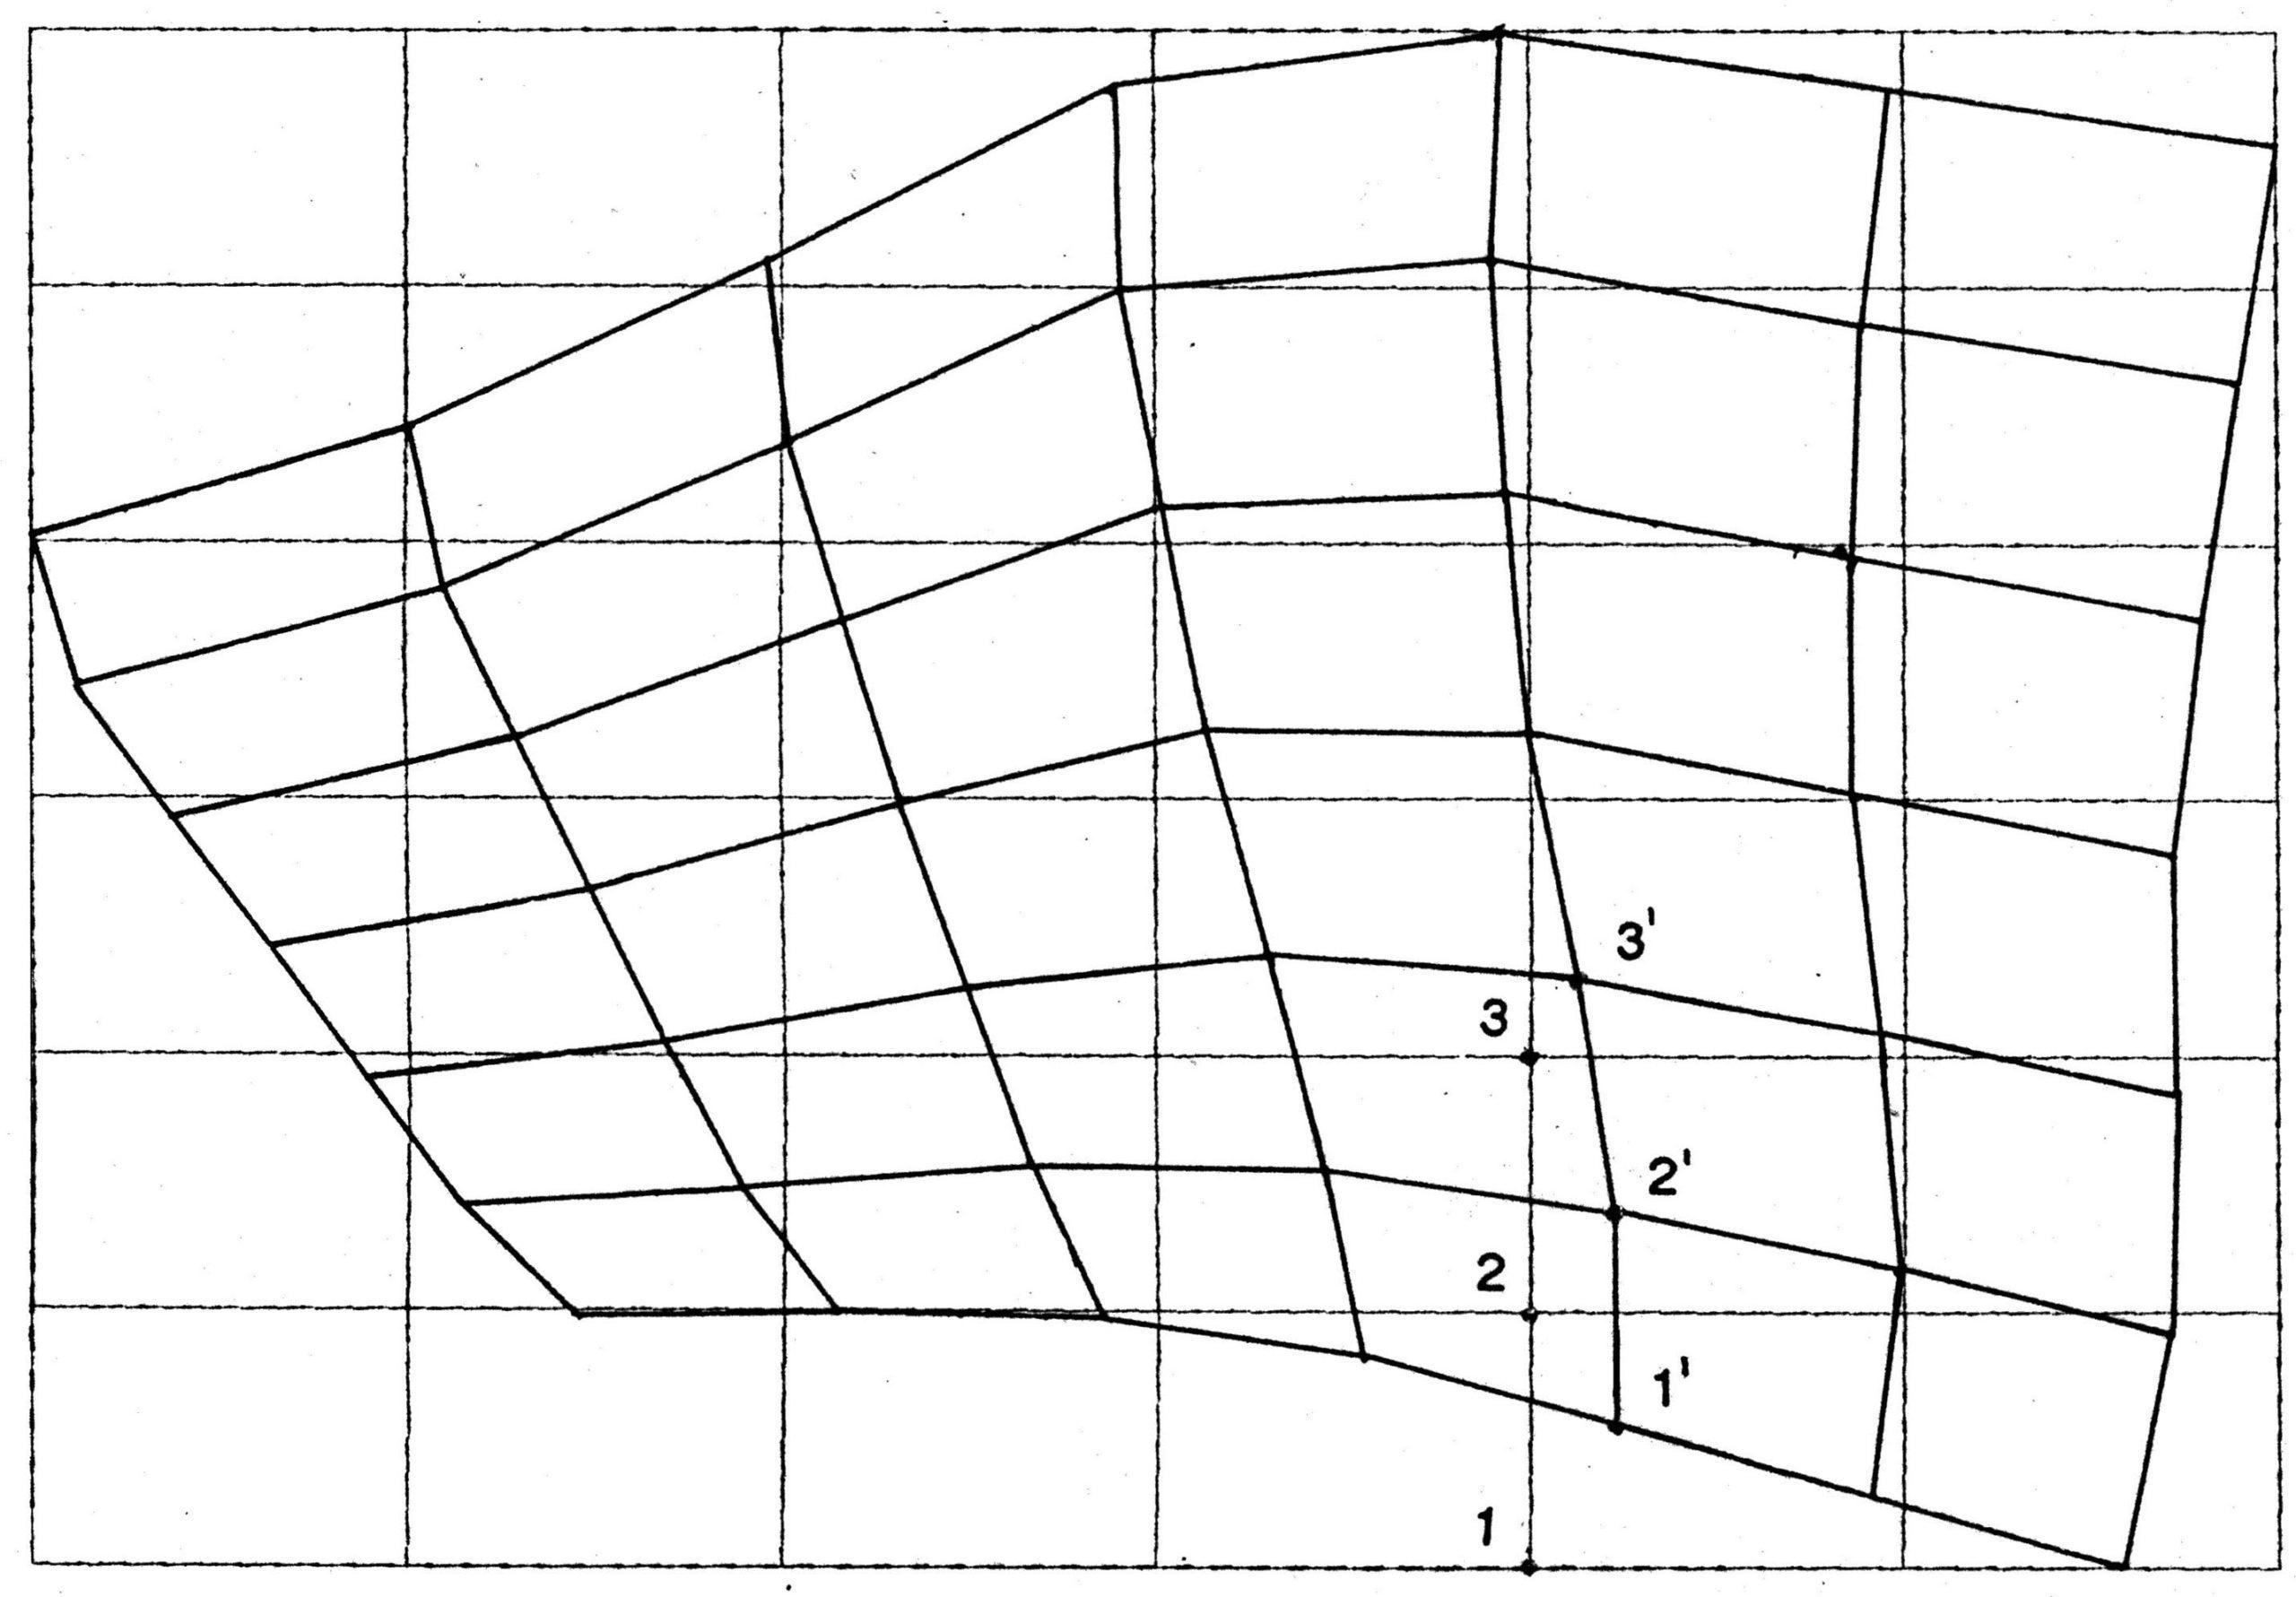 Projektion des Rasters auf den Baugebietsumriss